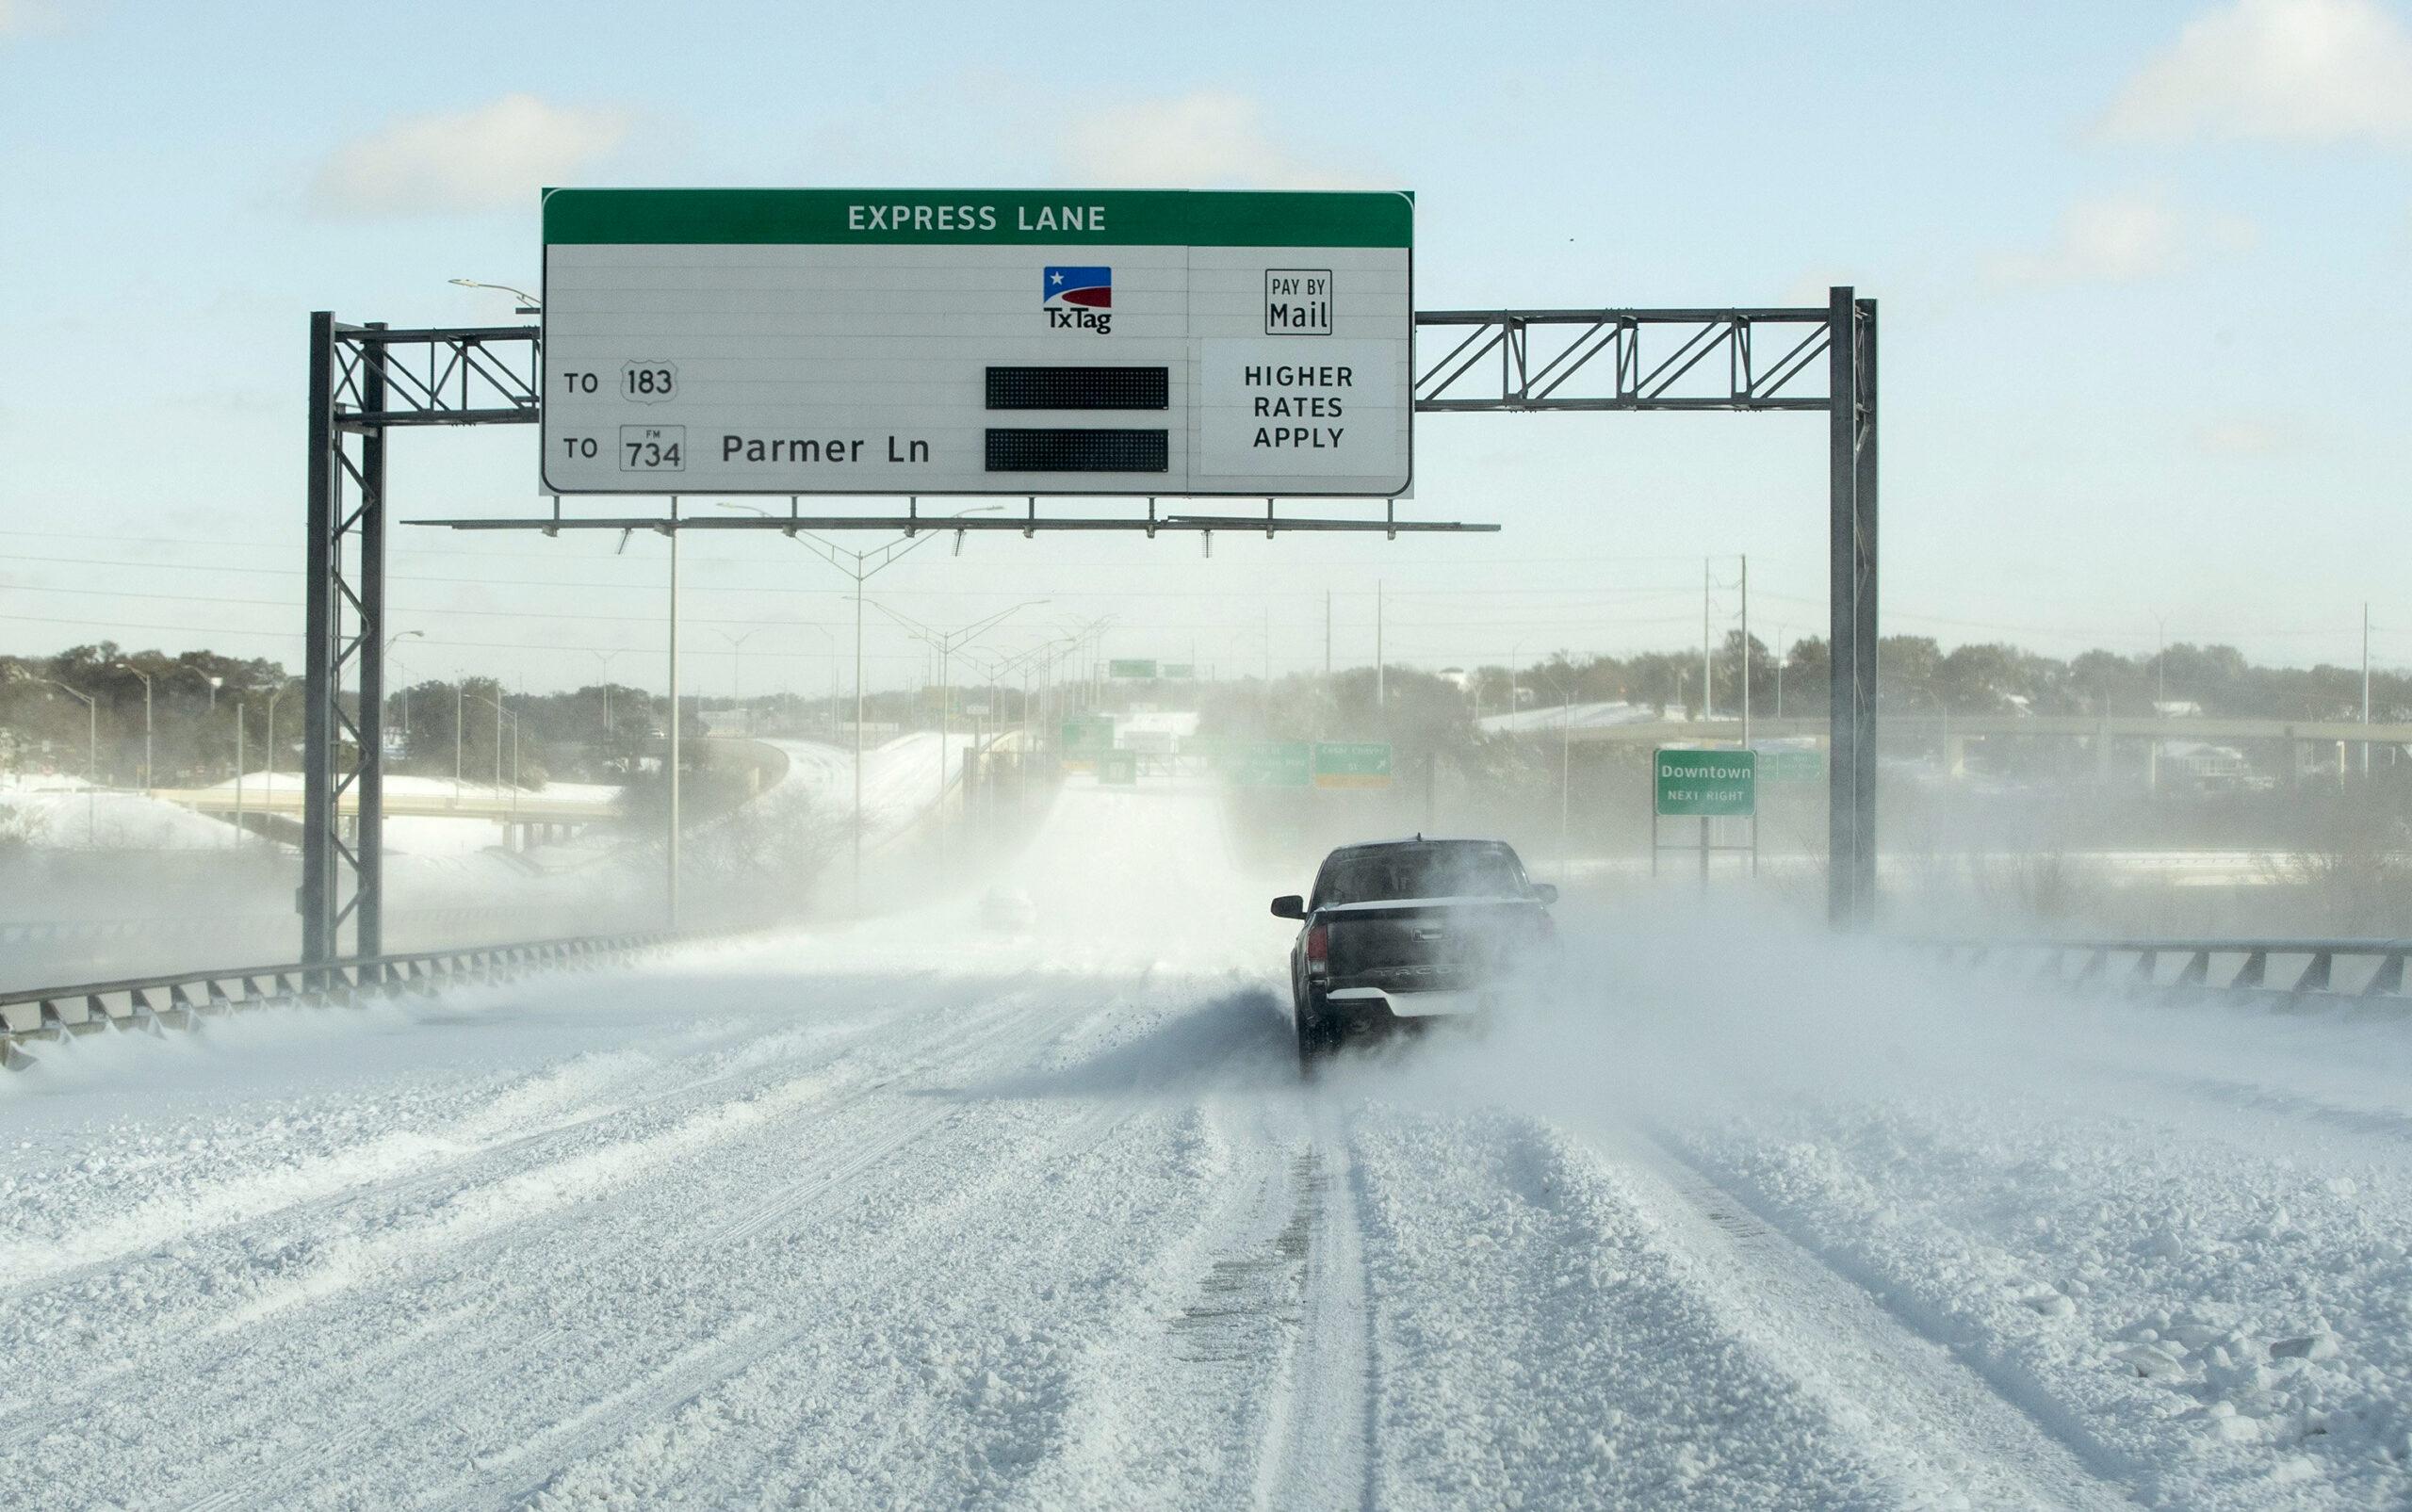 Carreteras cubiertas de hielo debido a la tormenta invernal en Estados Unidos